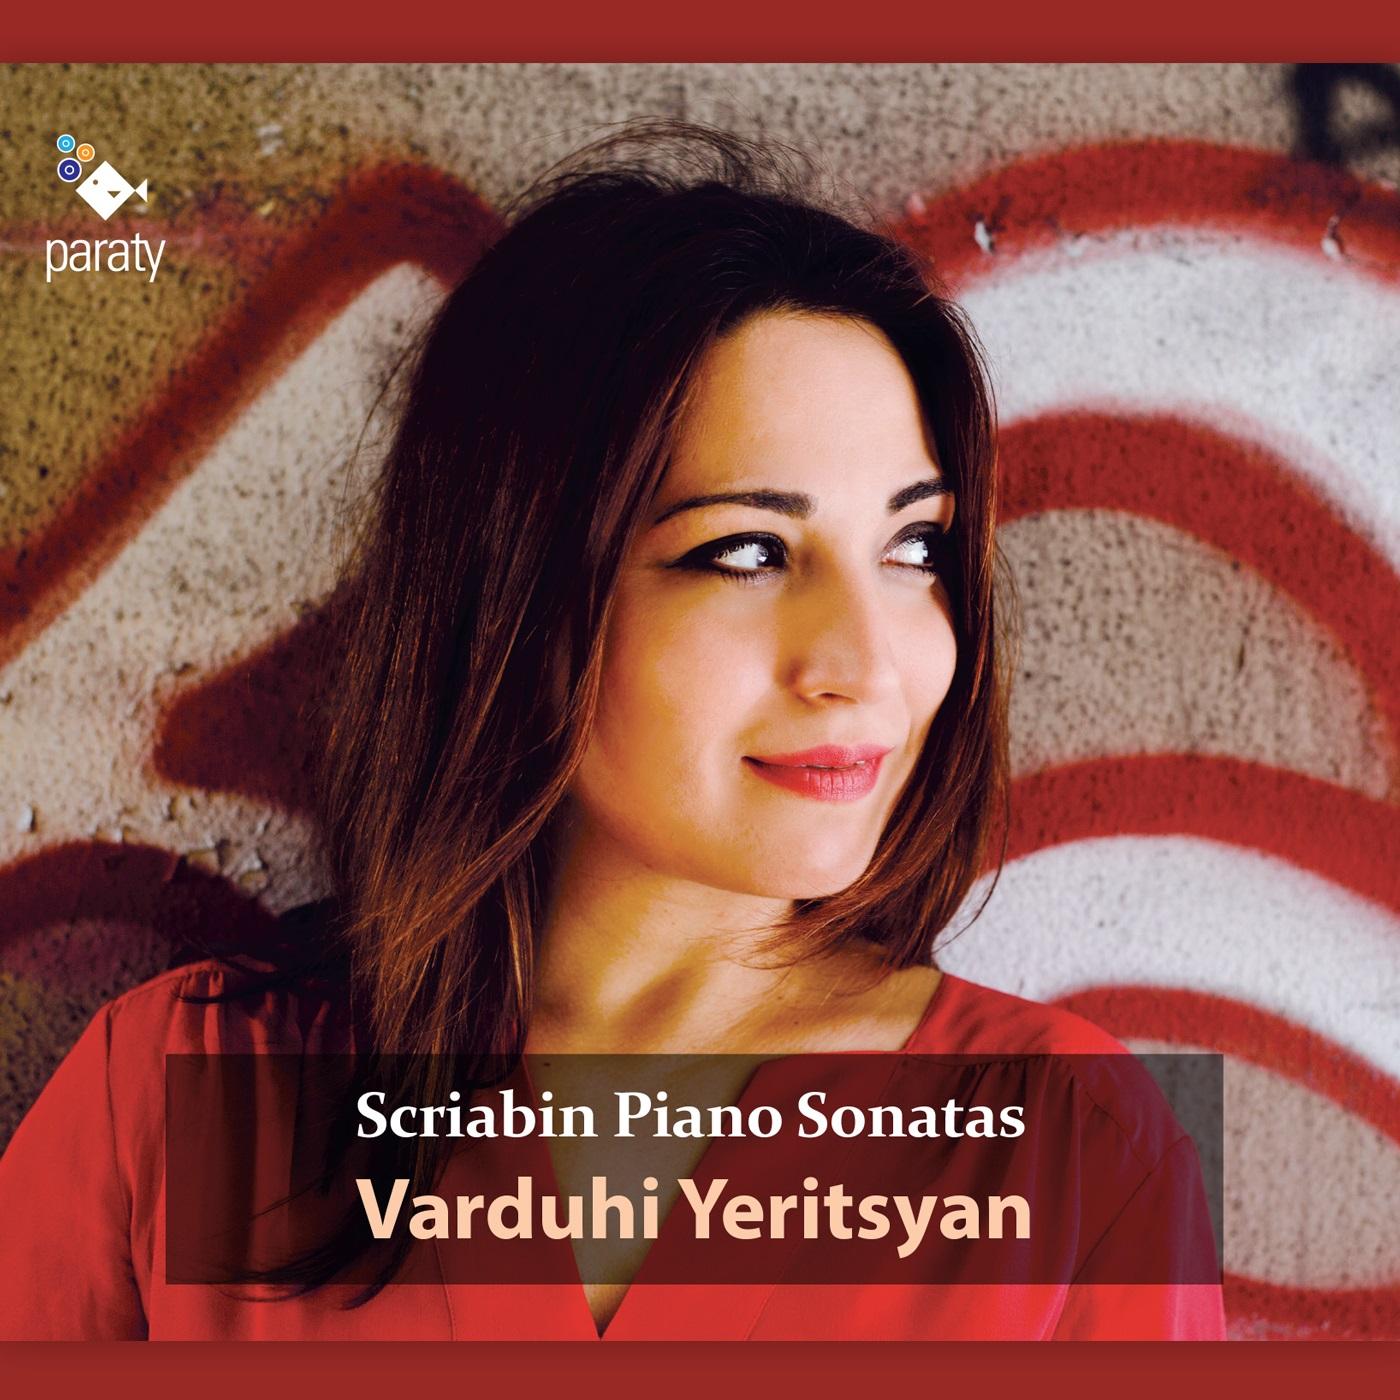 Scriabin Piano Sonatas